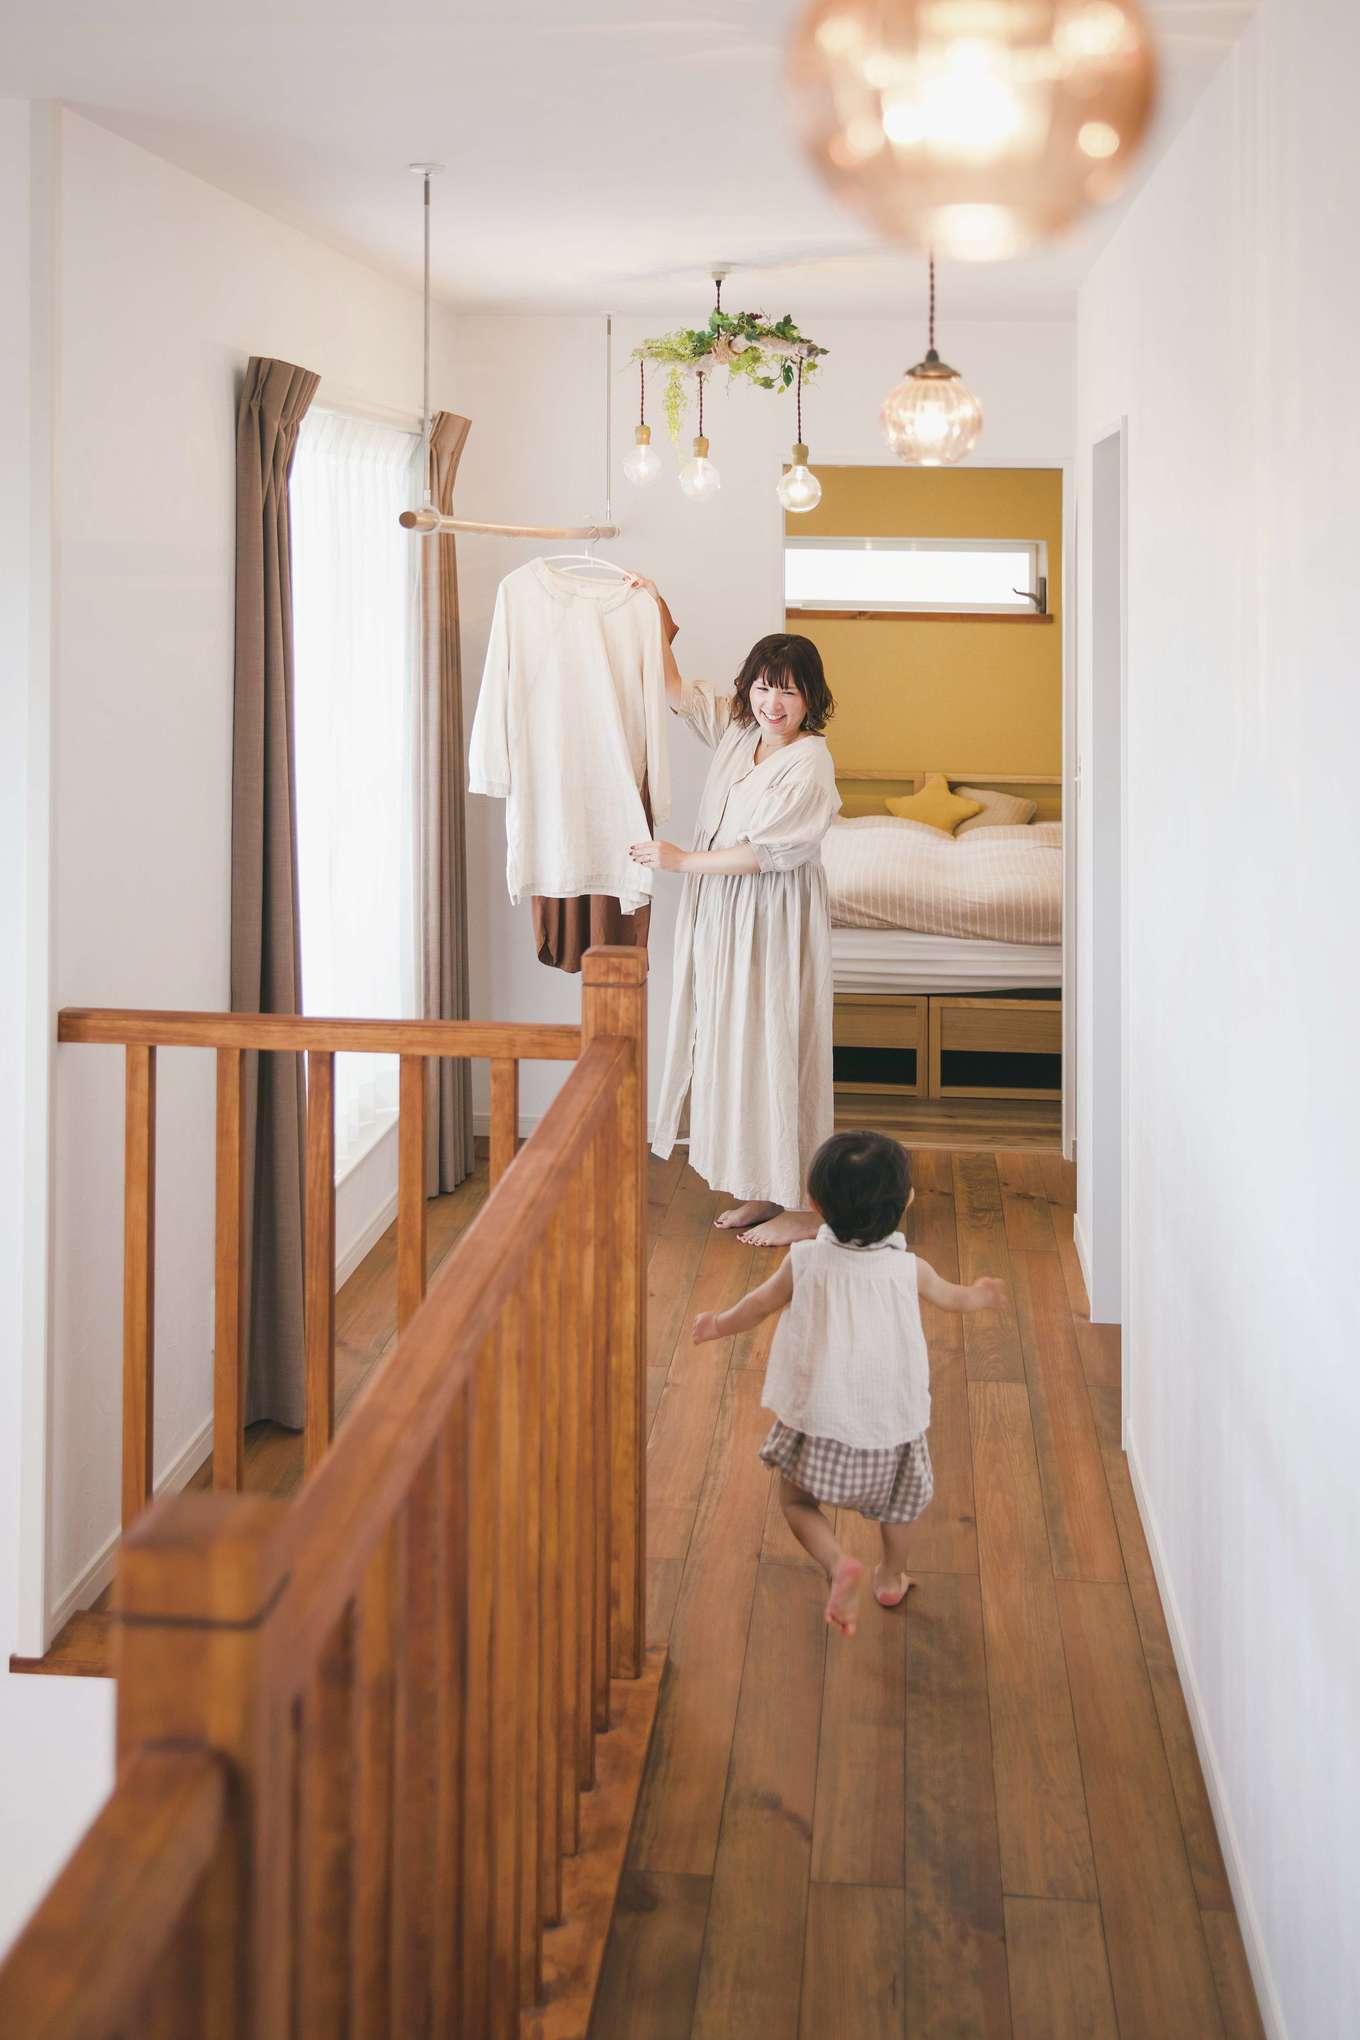 casa carina 浜北(内藤材木店)【デザイン住宅、自然素材、インテリア】2階は「カーサ・ライト」仕様。洗濯物を干しても、漆喰の調湿効果で不快な臭いがまったくしない